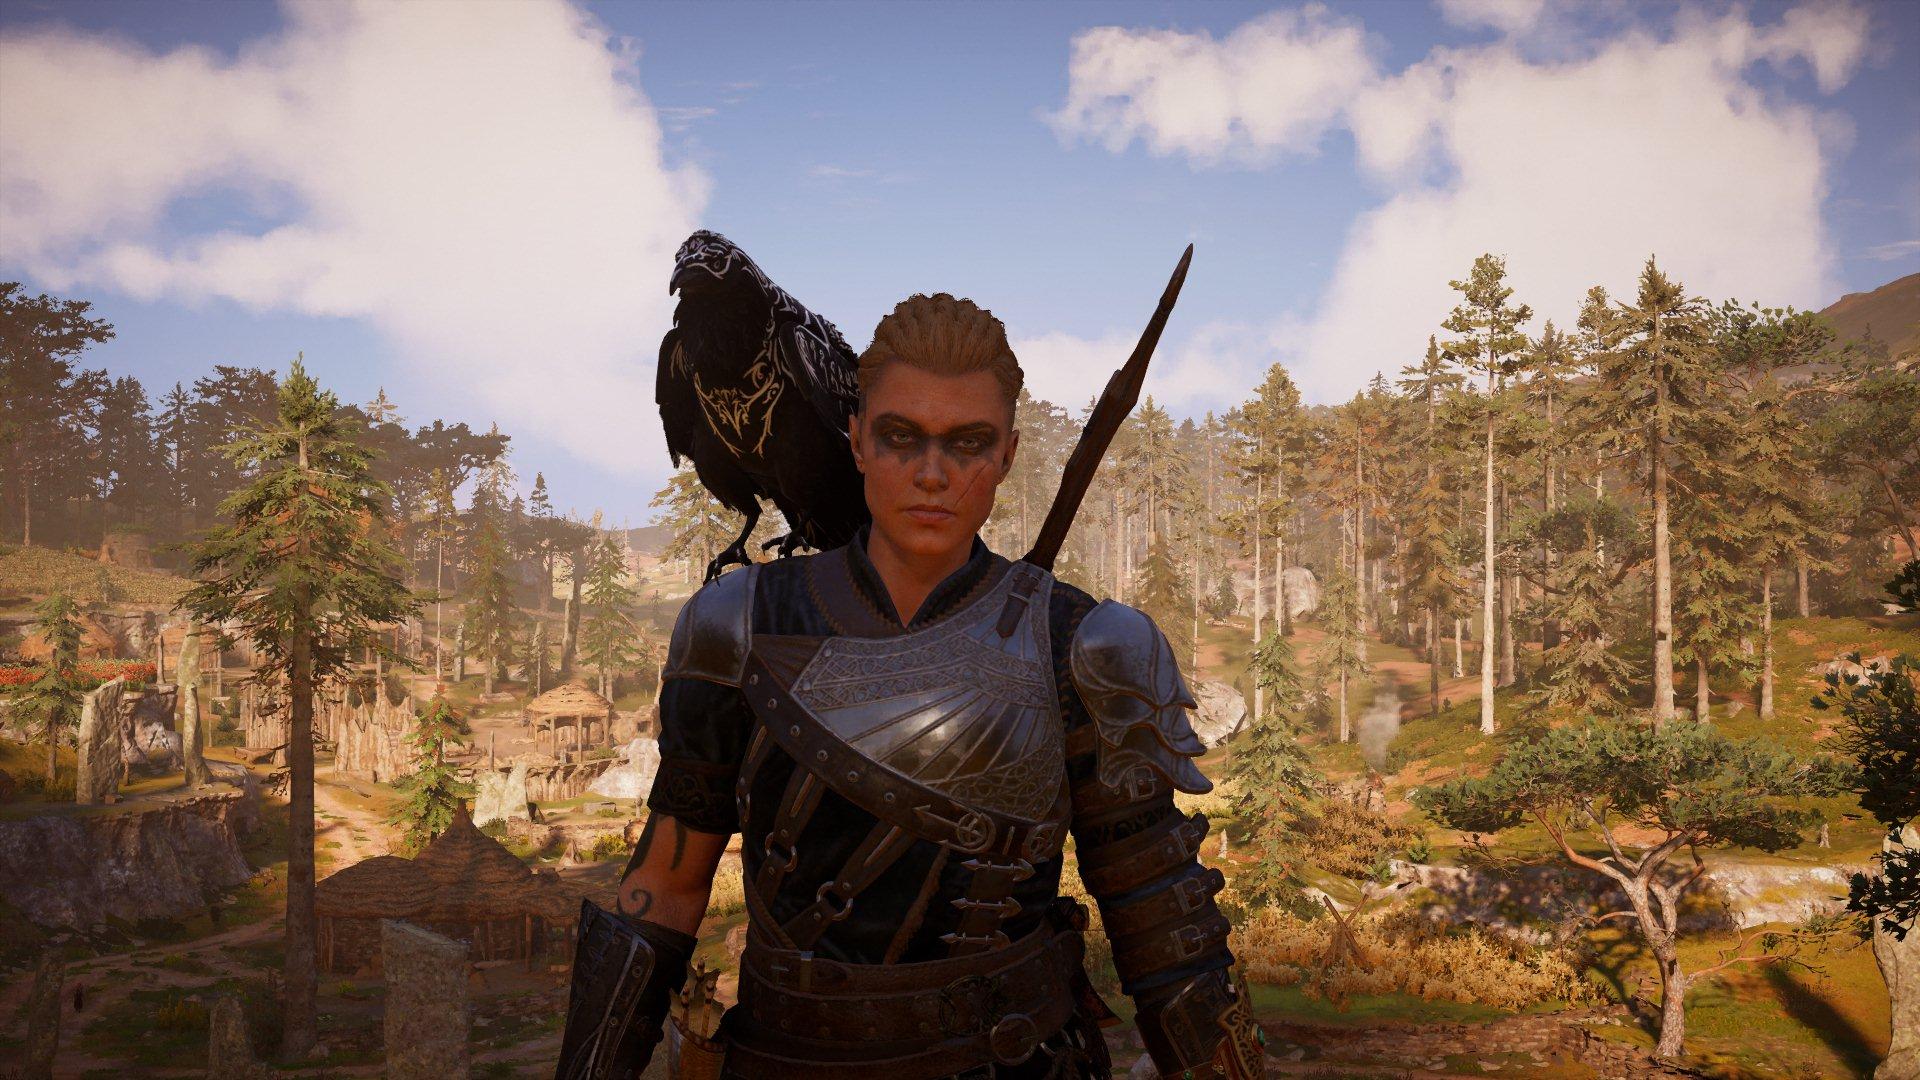 Eivor Assassins Creed Valhalla Tattoo Raven Ubisoft 1920x1080